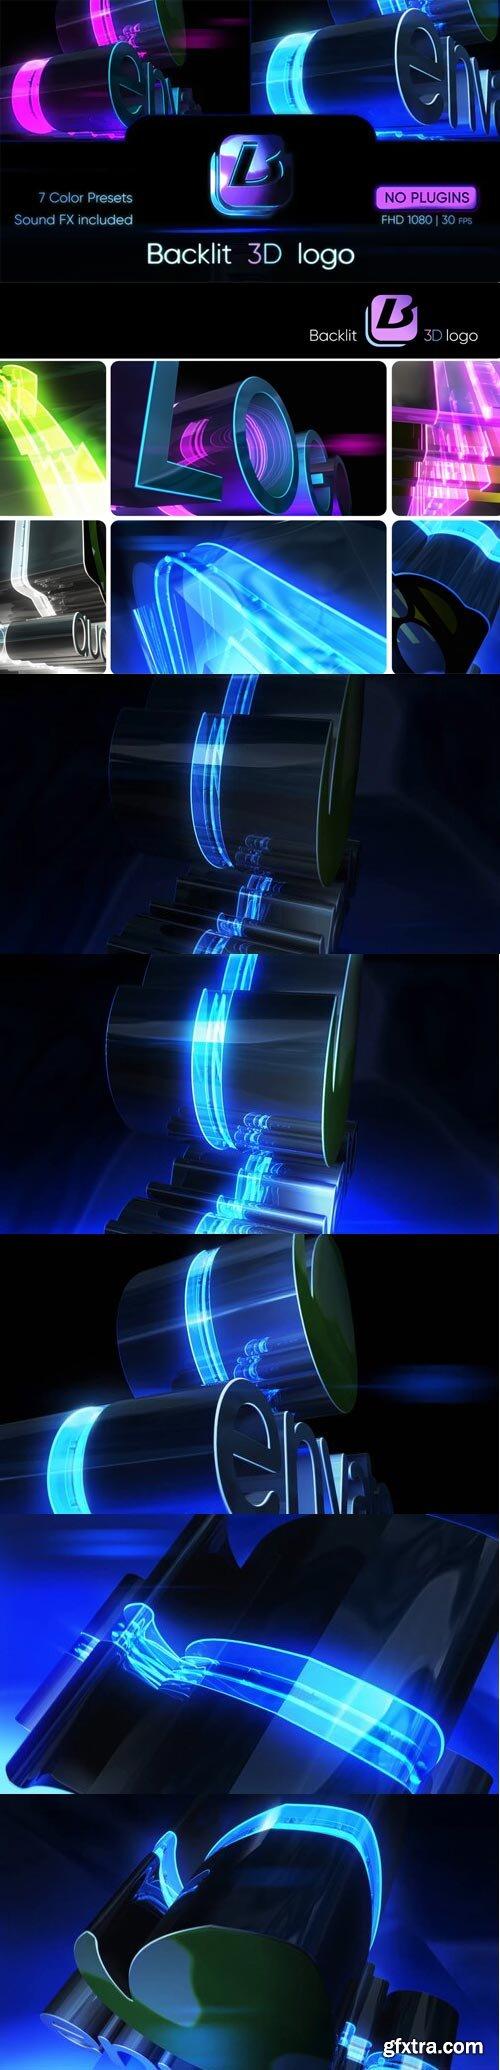 Videohive - Backlit 3D Logo - 30902997